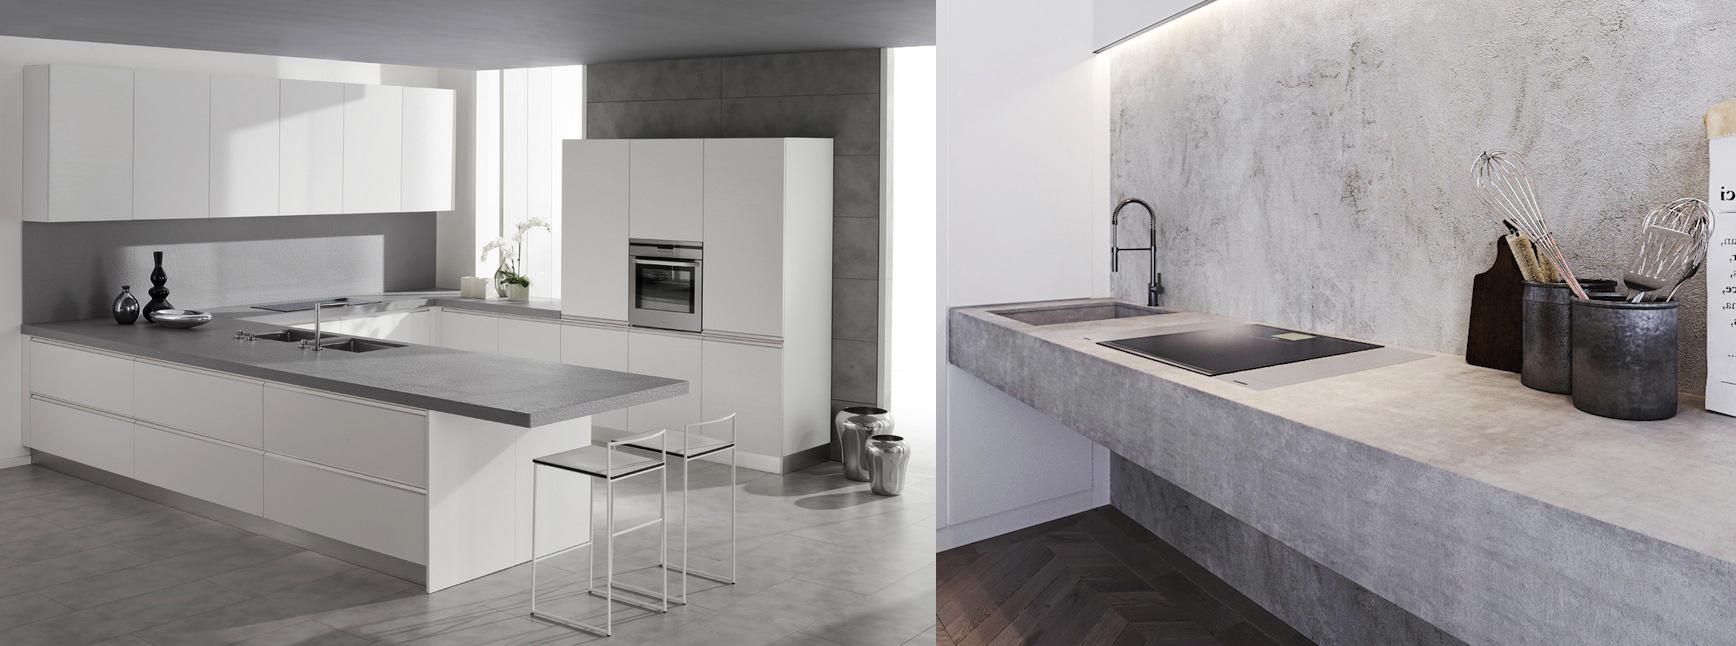 Cocinas modernas. Tendencias en diseño de cocinas 2017. Encimera de hormigón